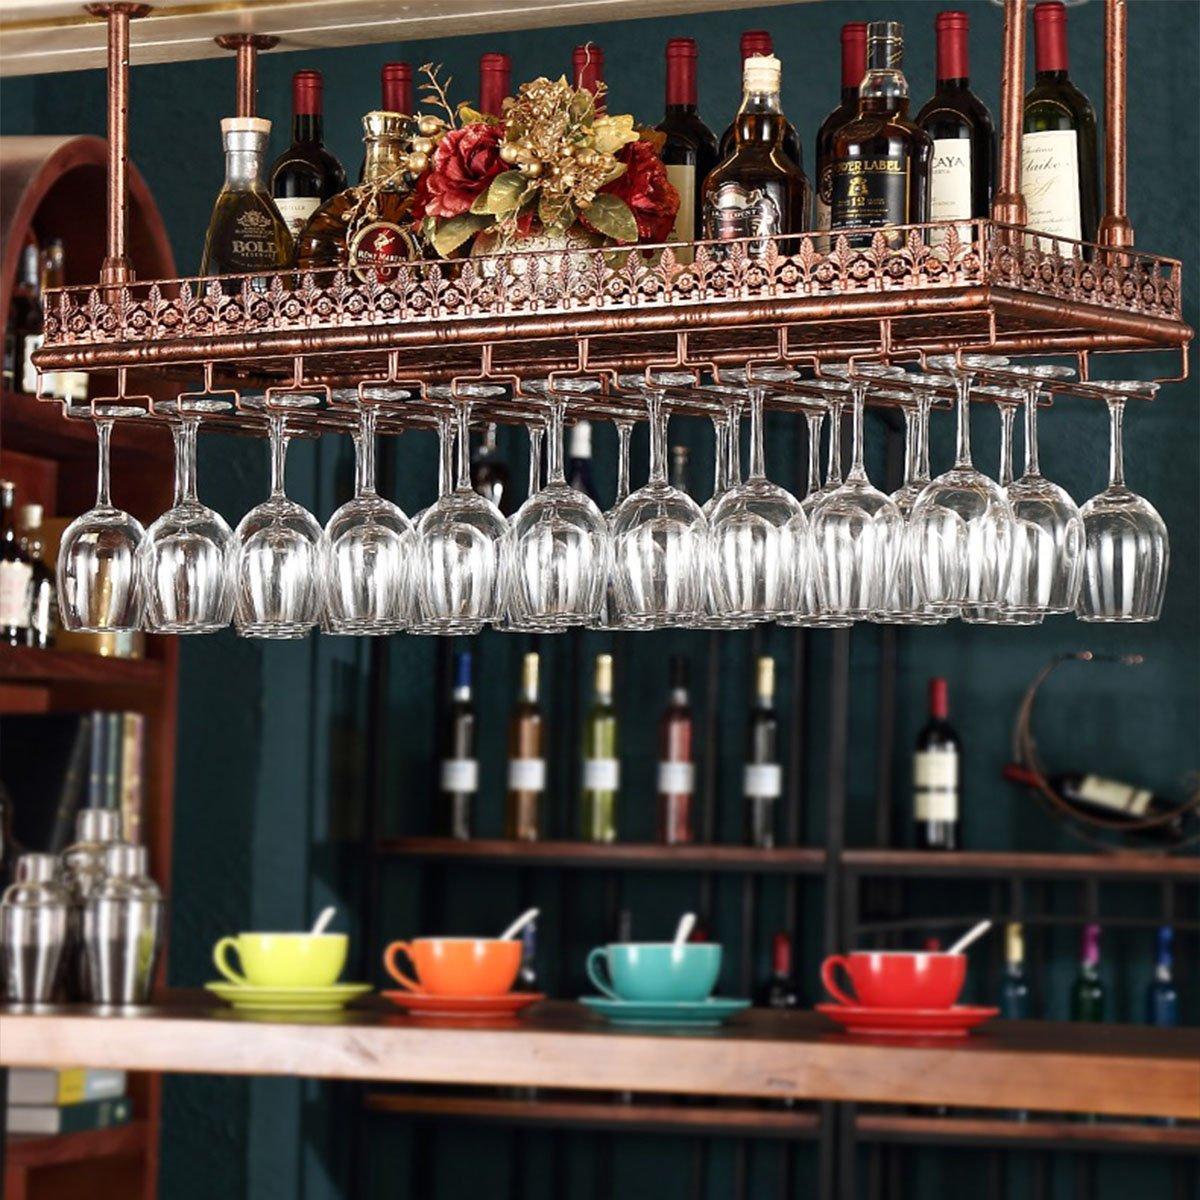 Warm Van Industrial Vintage Metal Bar Wine Glass Hanging Rack,Retro Upside Down Stemware Goblet Wine Glass Holder,Tableware Bottle Floating Shelf for Home Kitchen (Bronze, 47.2''L)